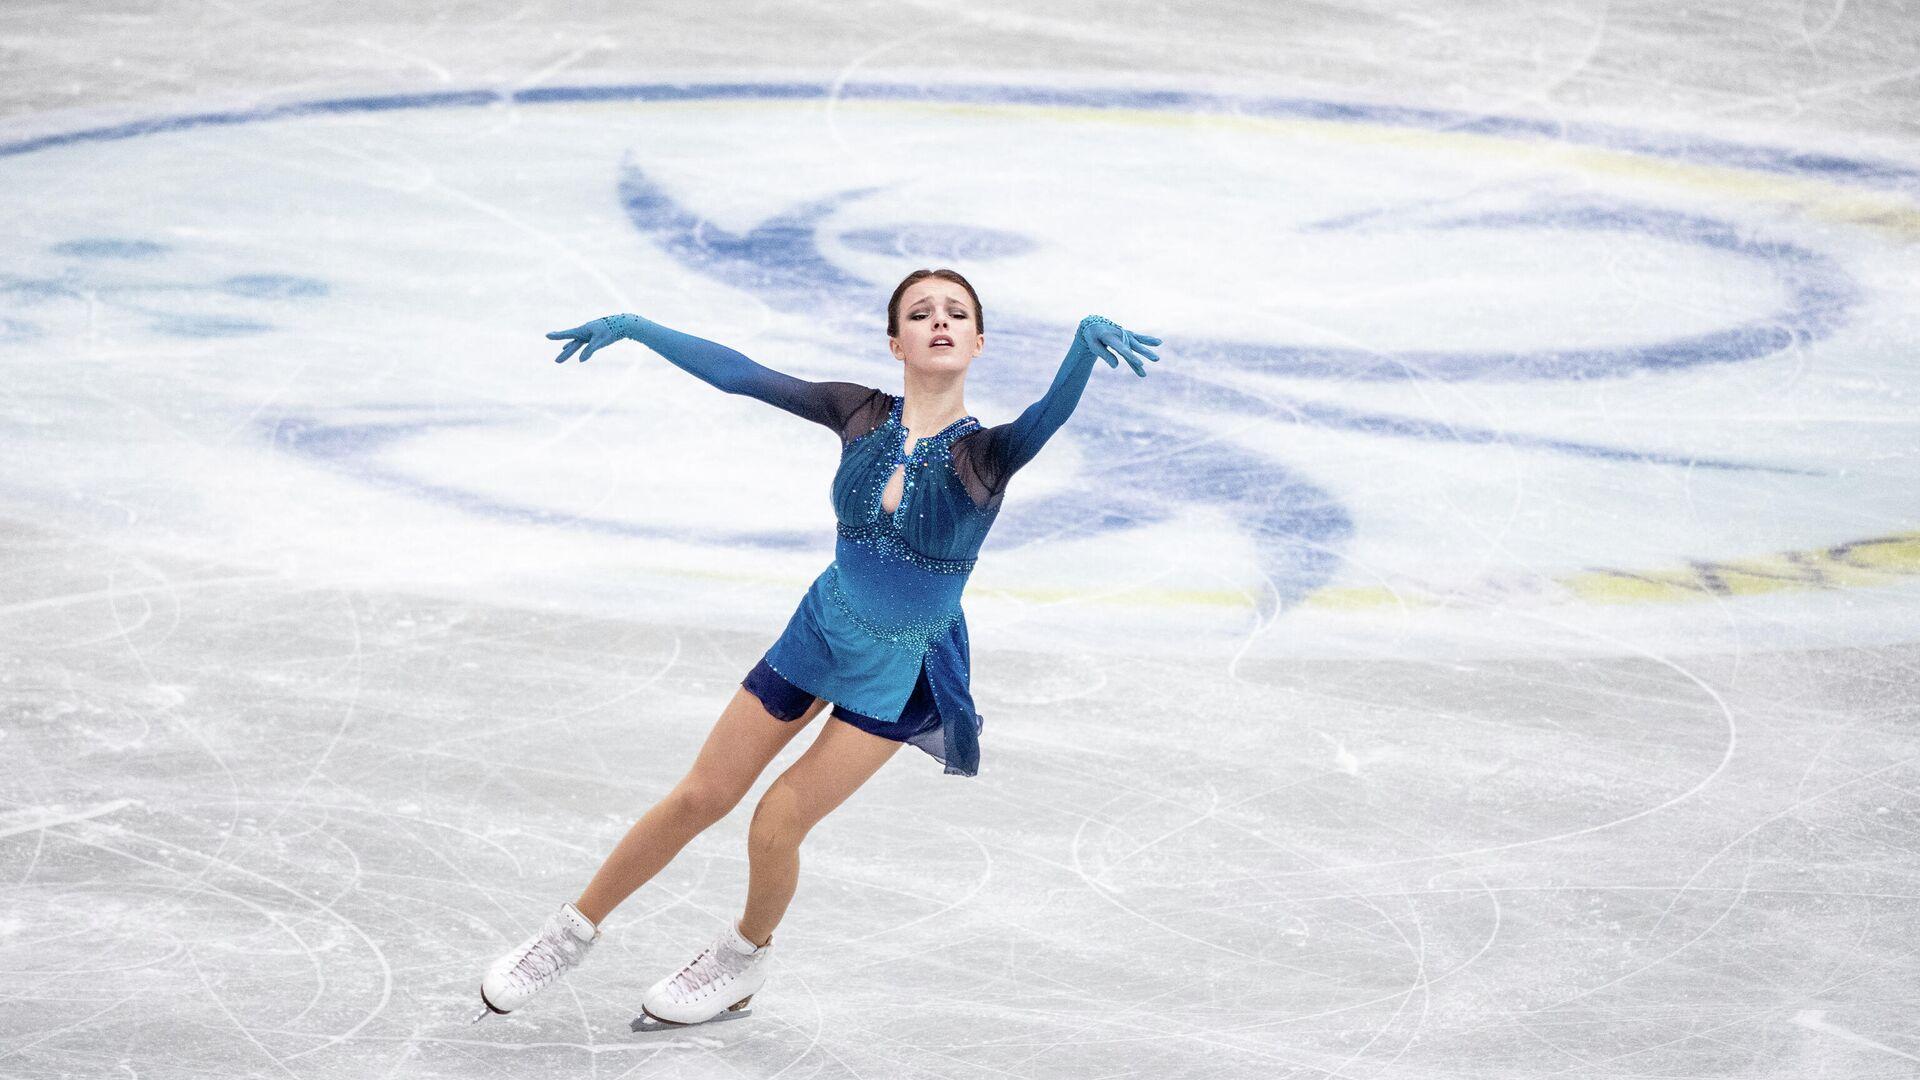 Анна Щербакова выступает на чемпионате мира по фигурному катанию в Осаке, Япония - РИА Новости, 1920, 17.04.2021